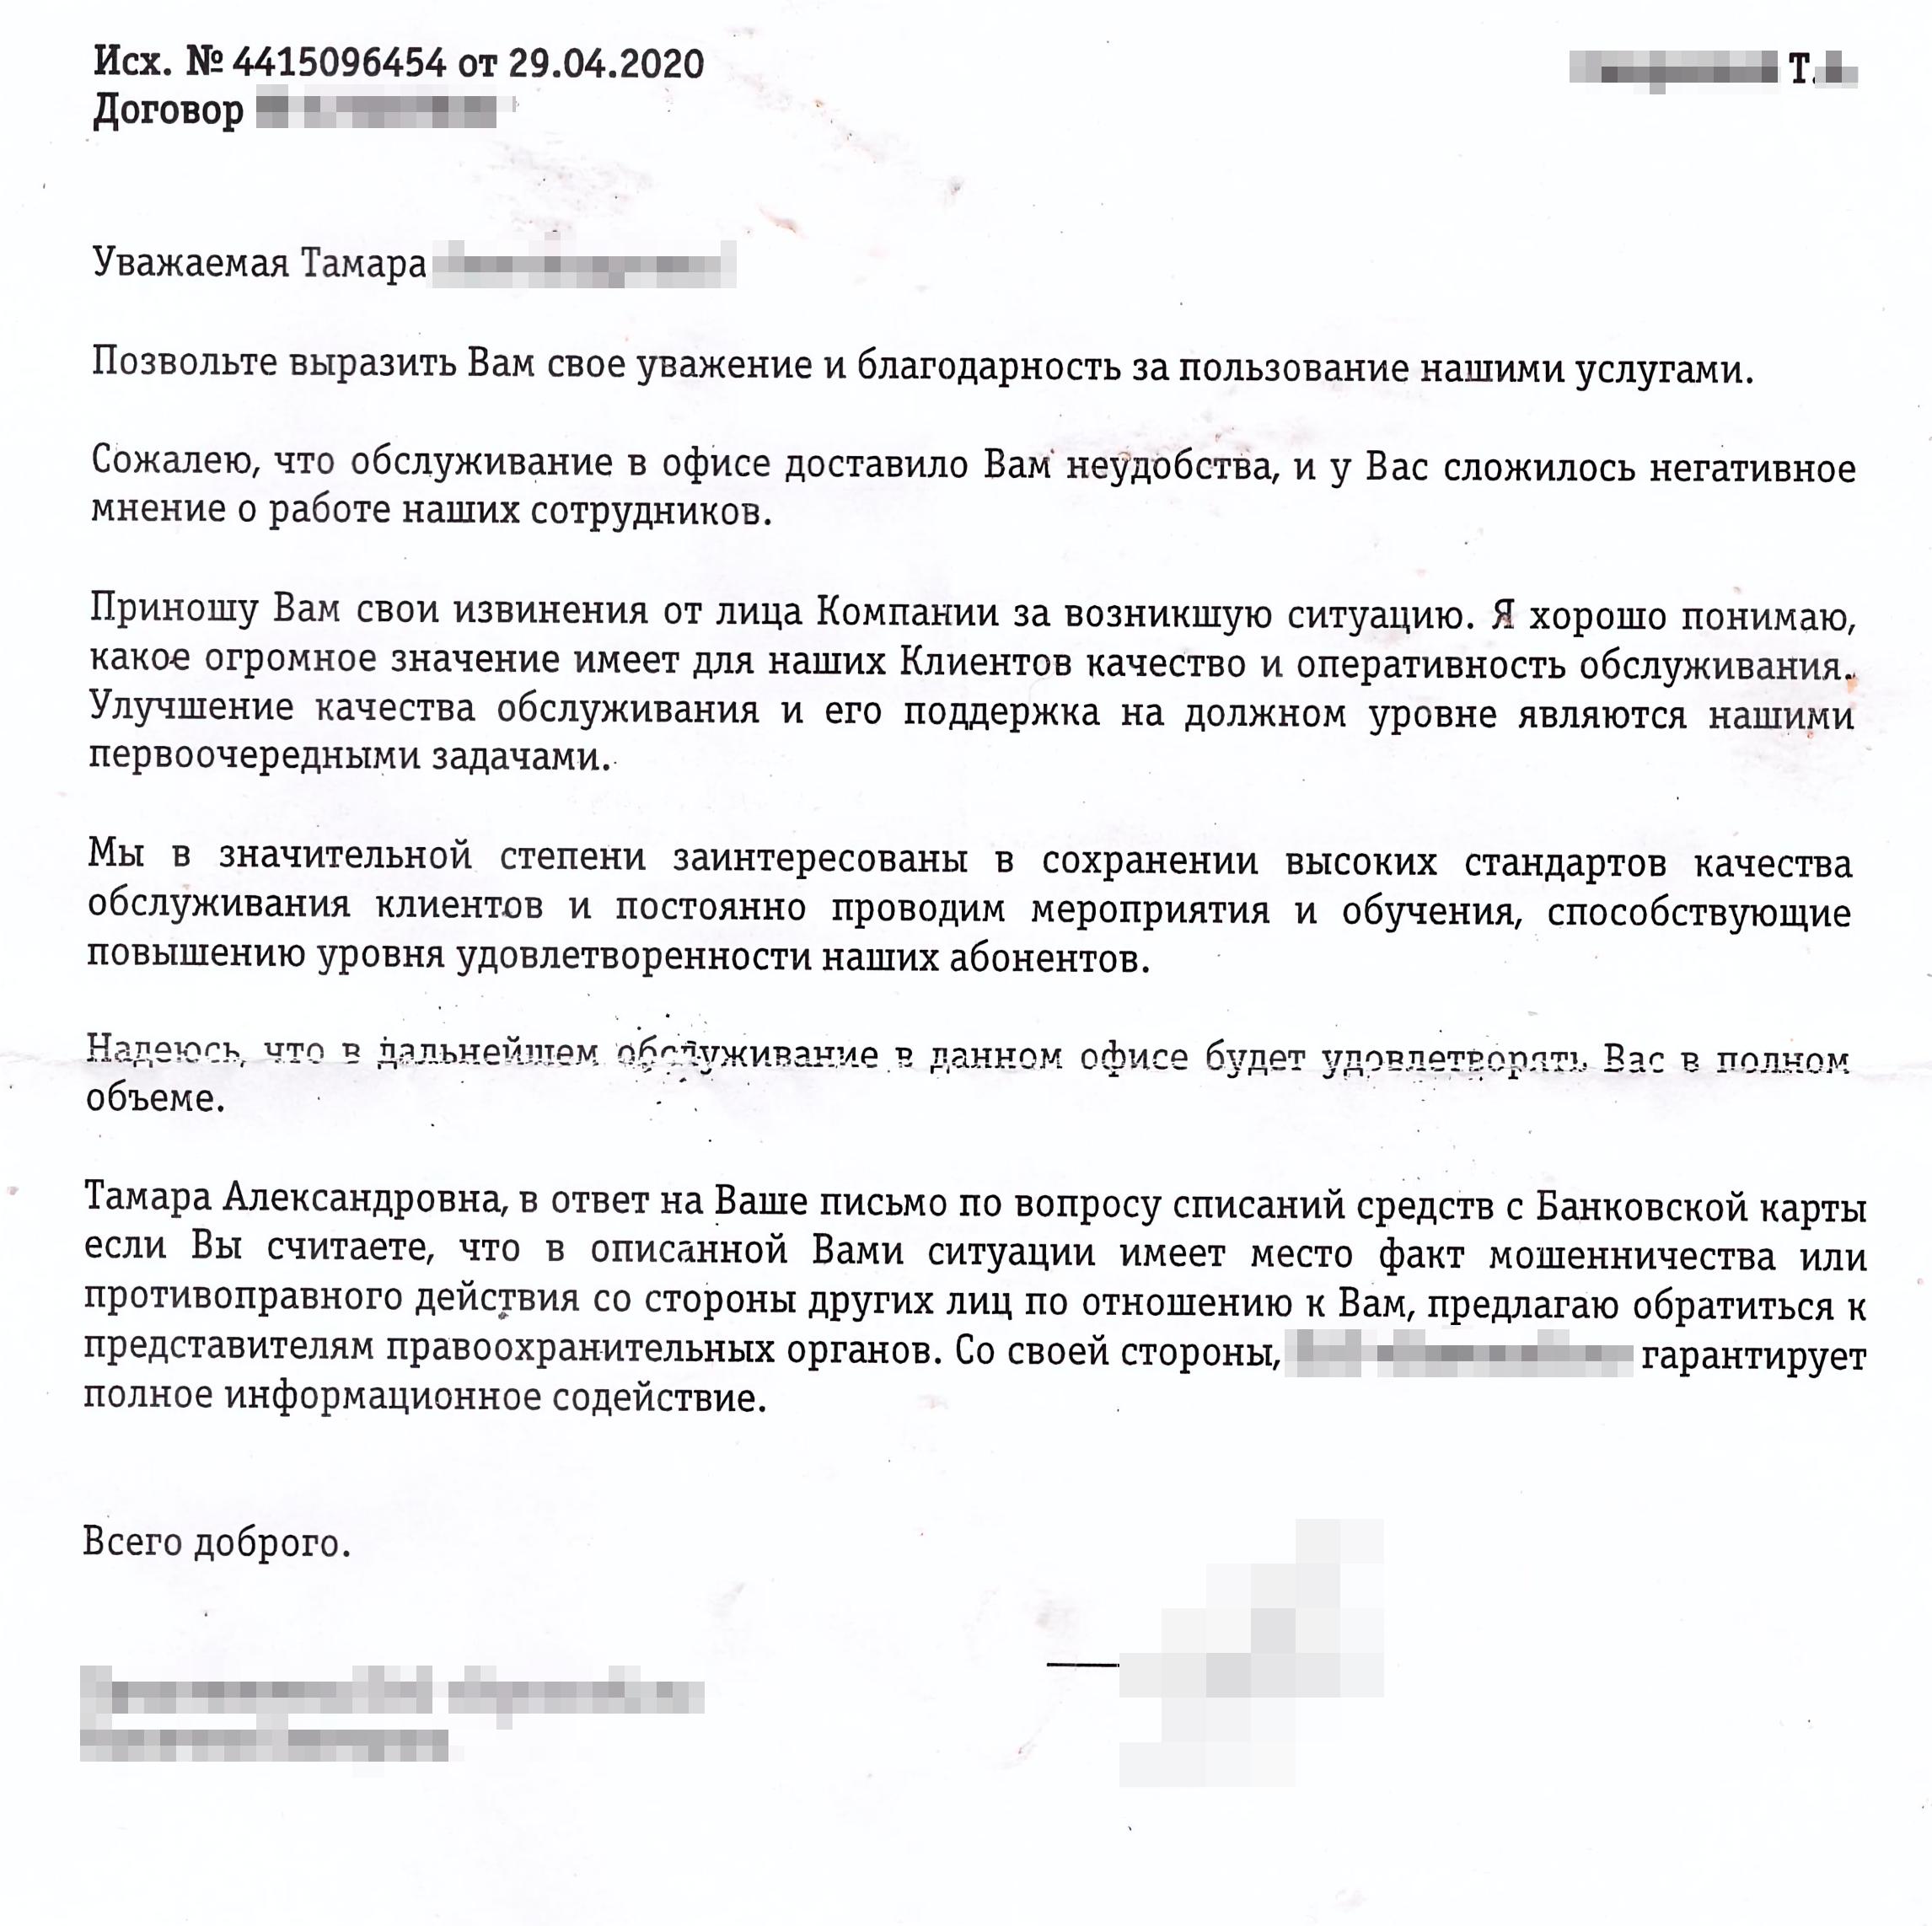 В ответ на претензию Тамара получила отписку и совет обратиться в полицию